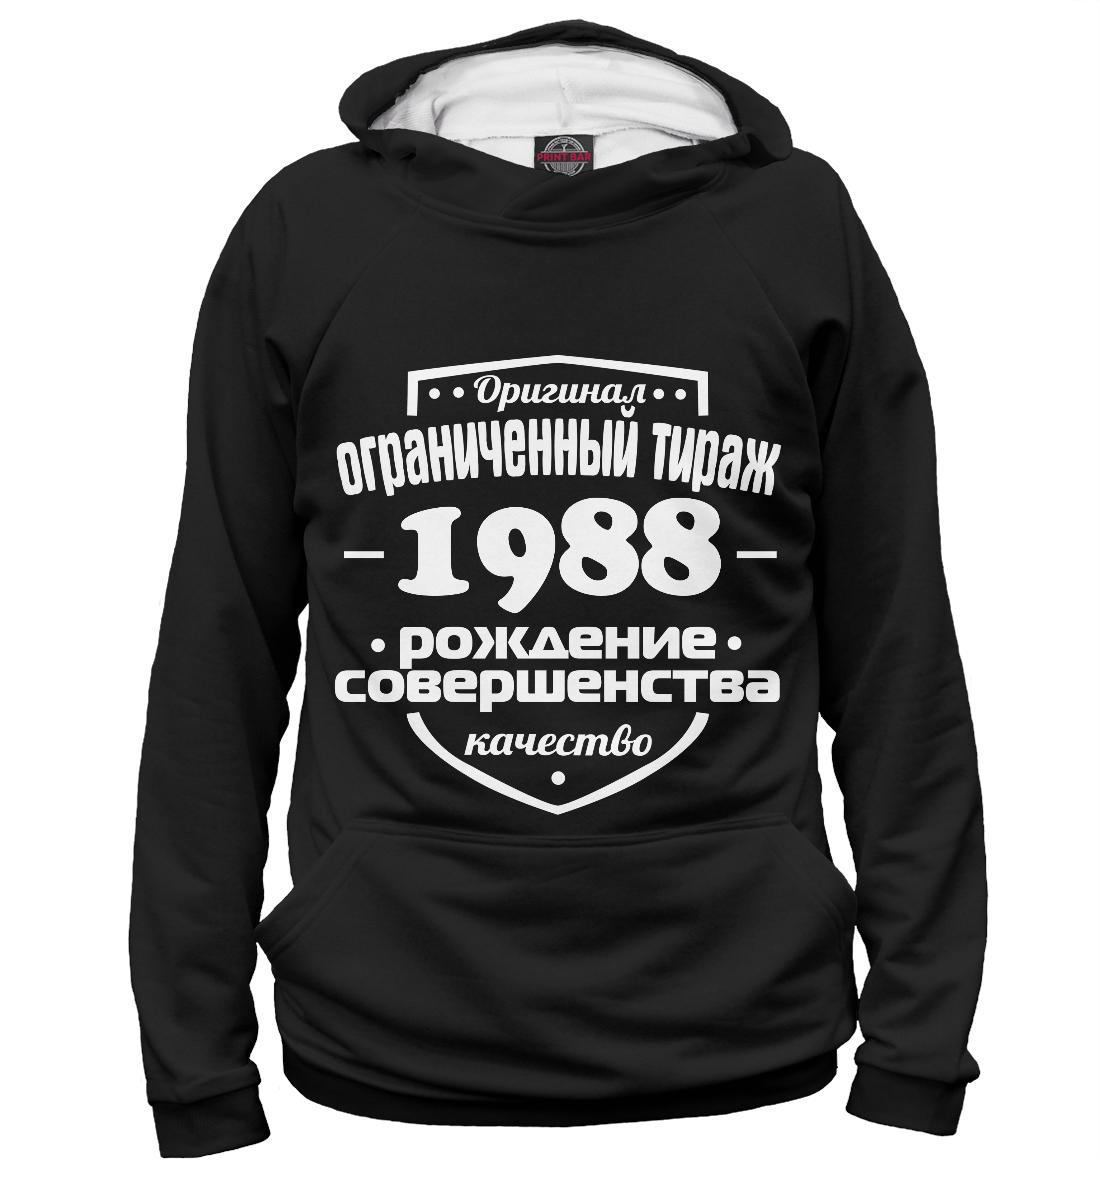 Купить Рождение совершенства 1988, Printbar, Худи, DVV-923222-hud-2